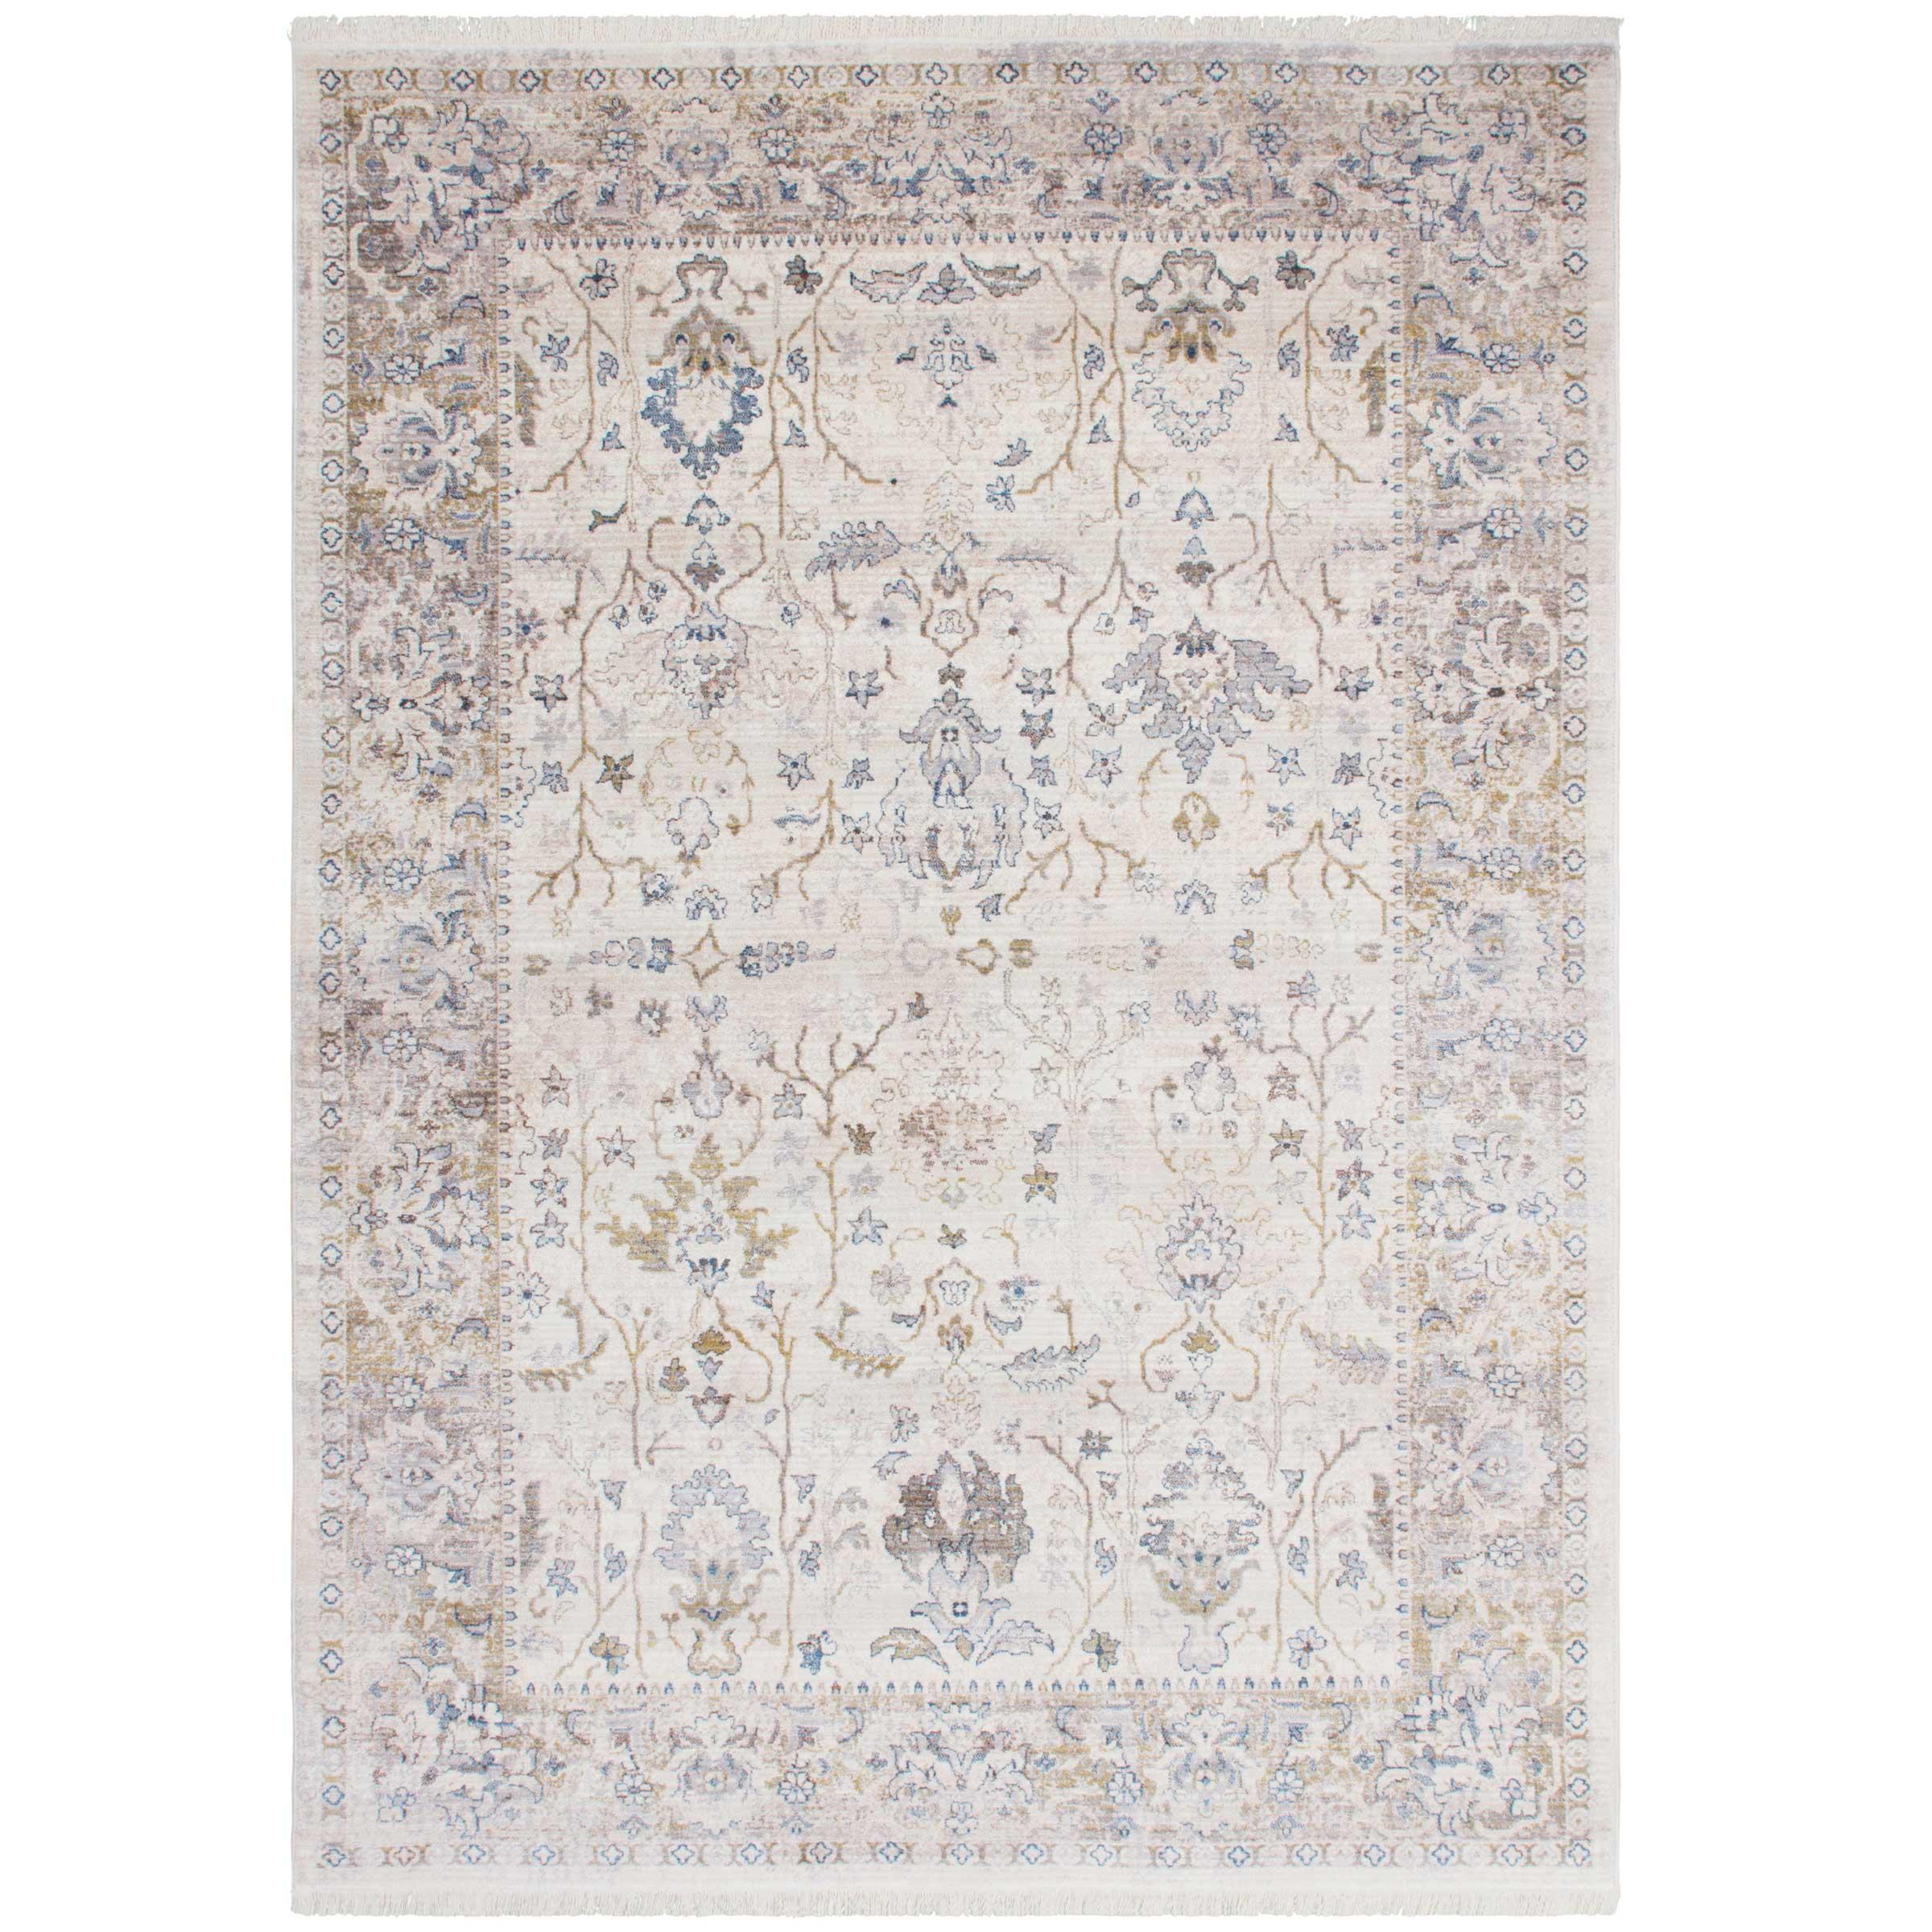 Spiksplinternieuw Beige Perzisch tapijt kopen?   Perzische tapijten   kameraankleden.nl EN-68